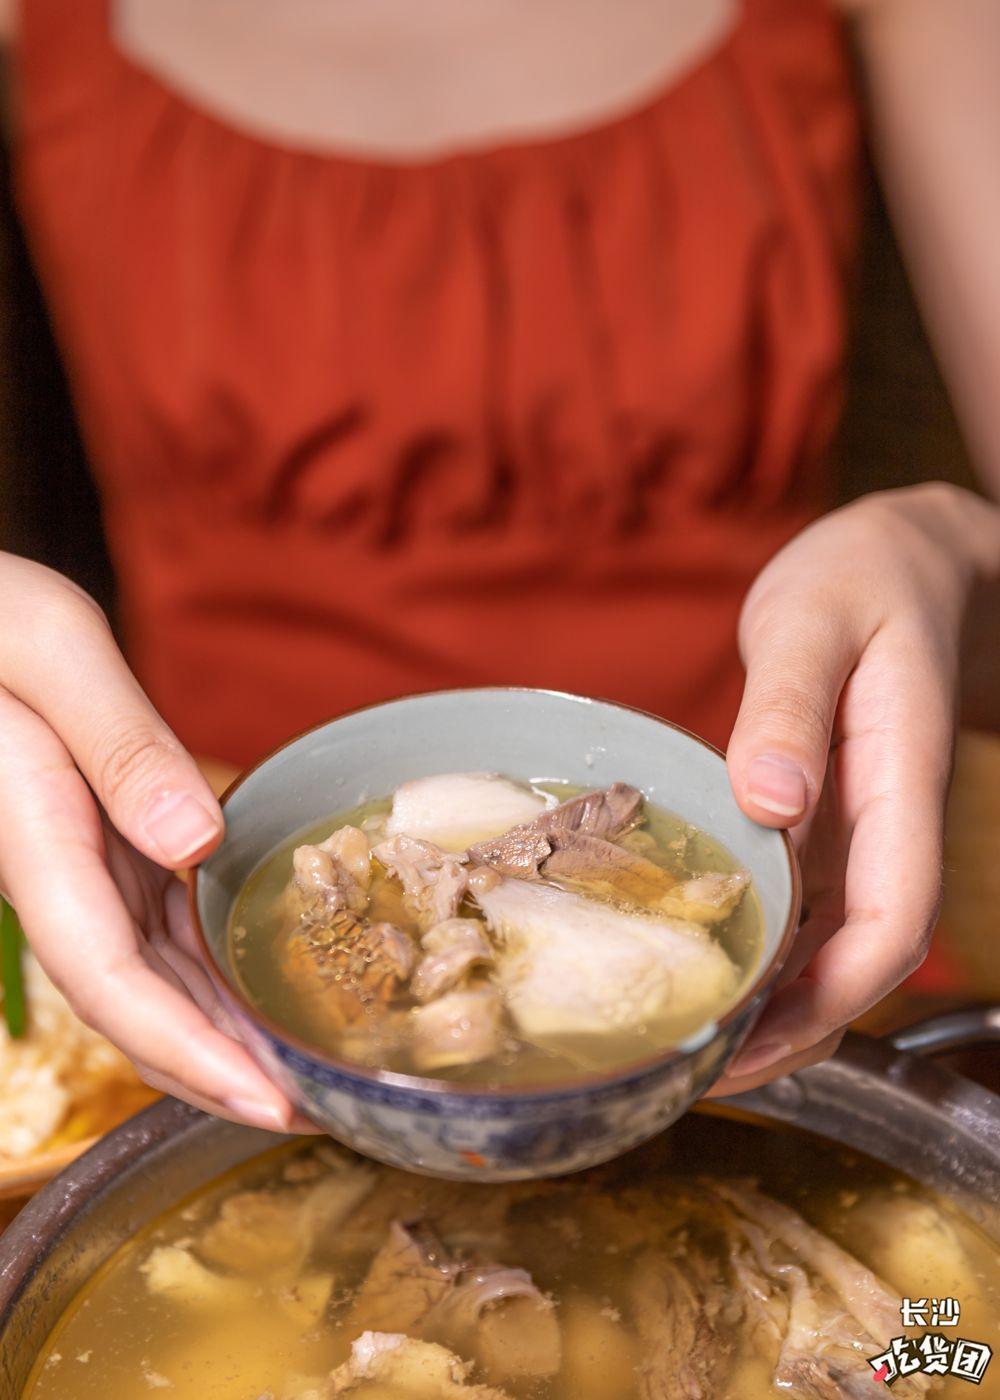 【步骤图】芋头牛腩煲的做法_芋头牛腩煲的做法步骤_菜谱_下厨房